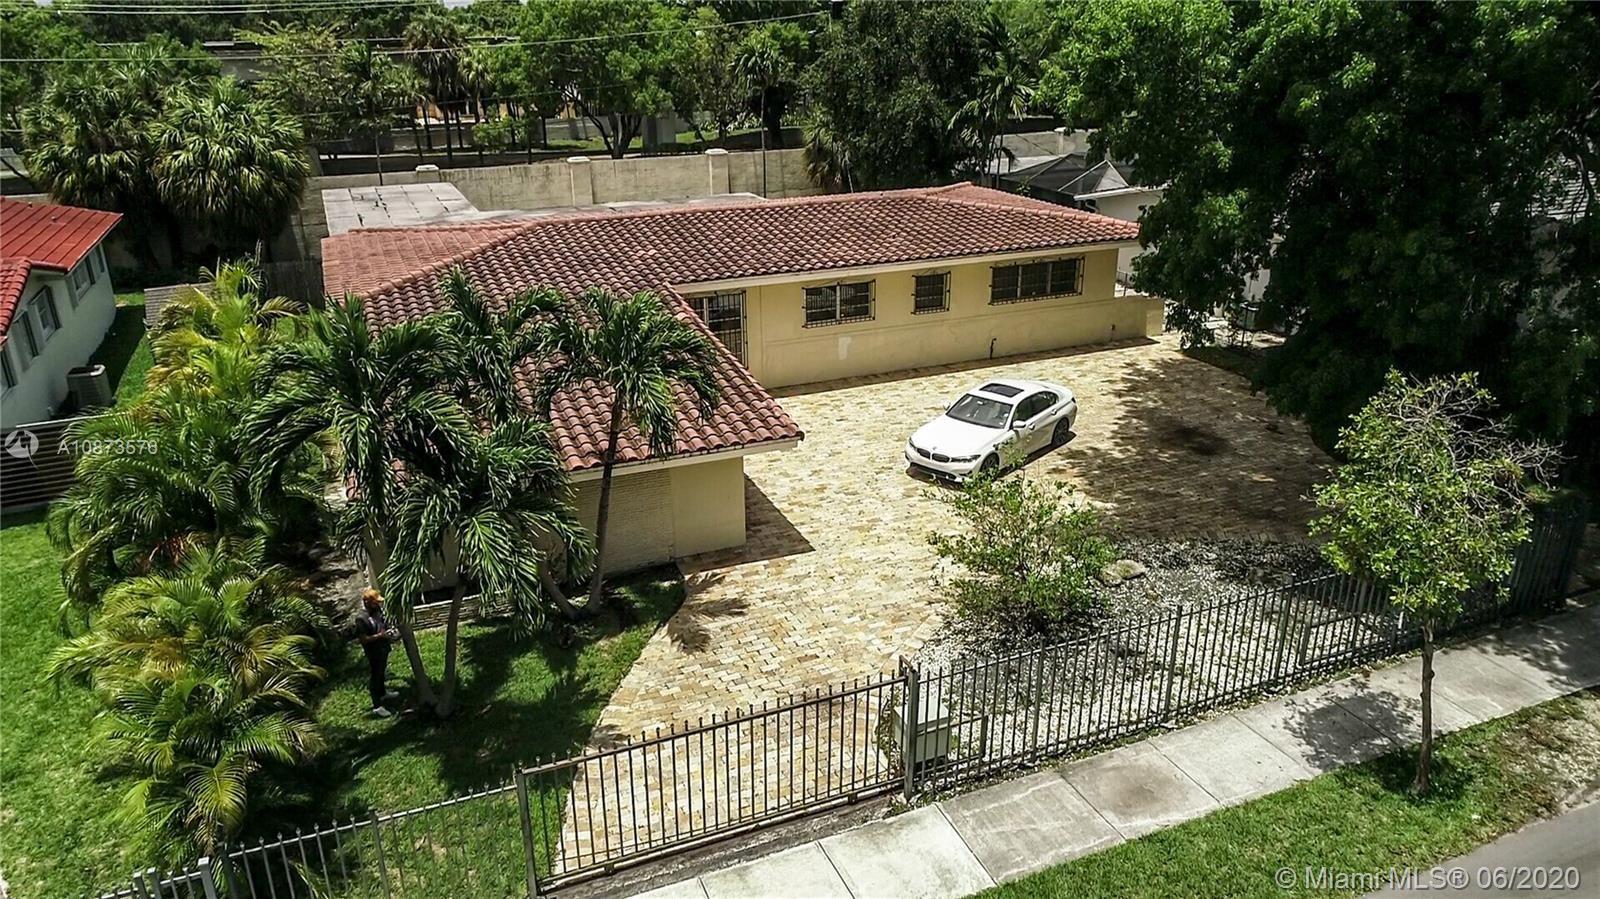 101 W Shore Dr, Miami, FL 33133 - #: A10873576